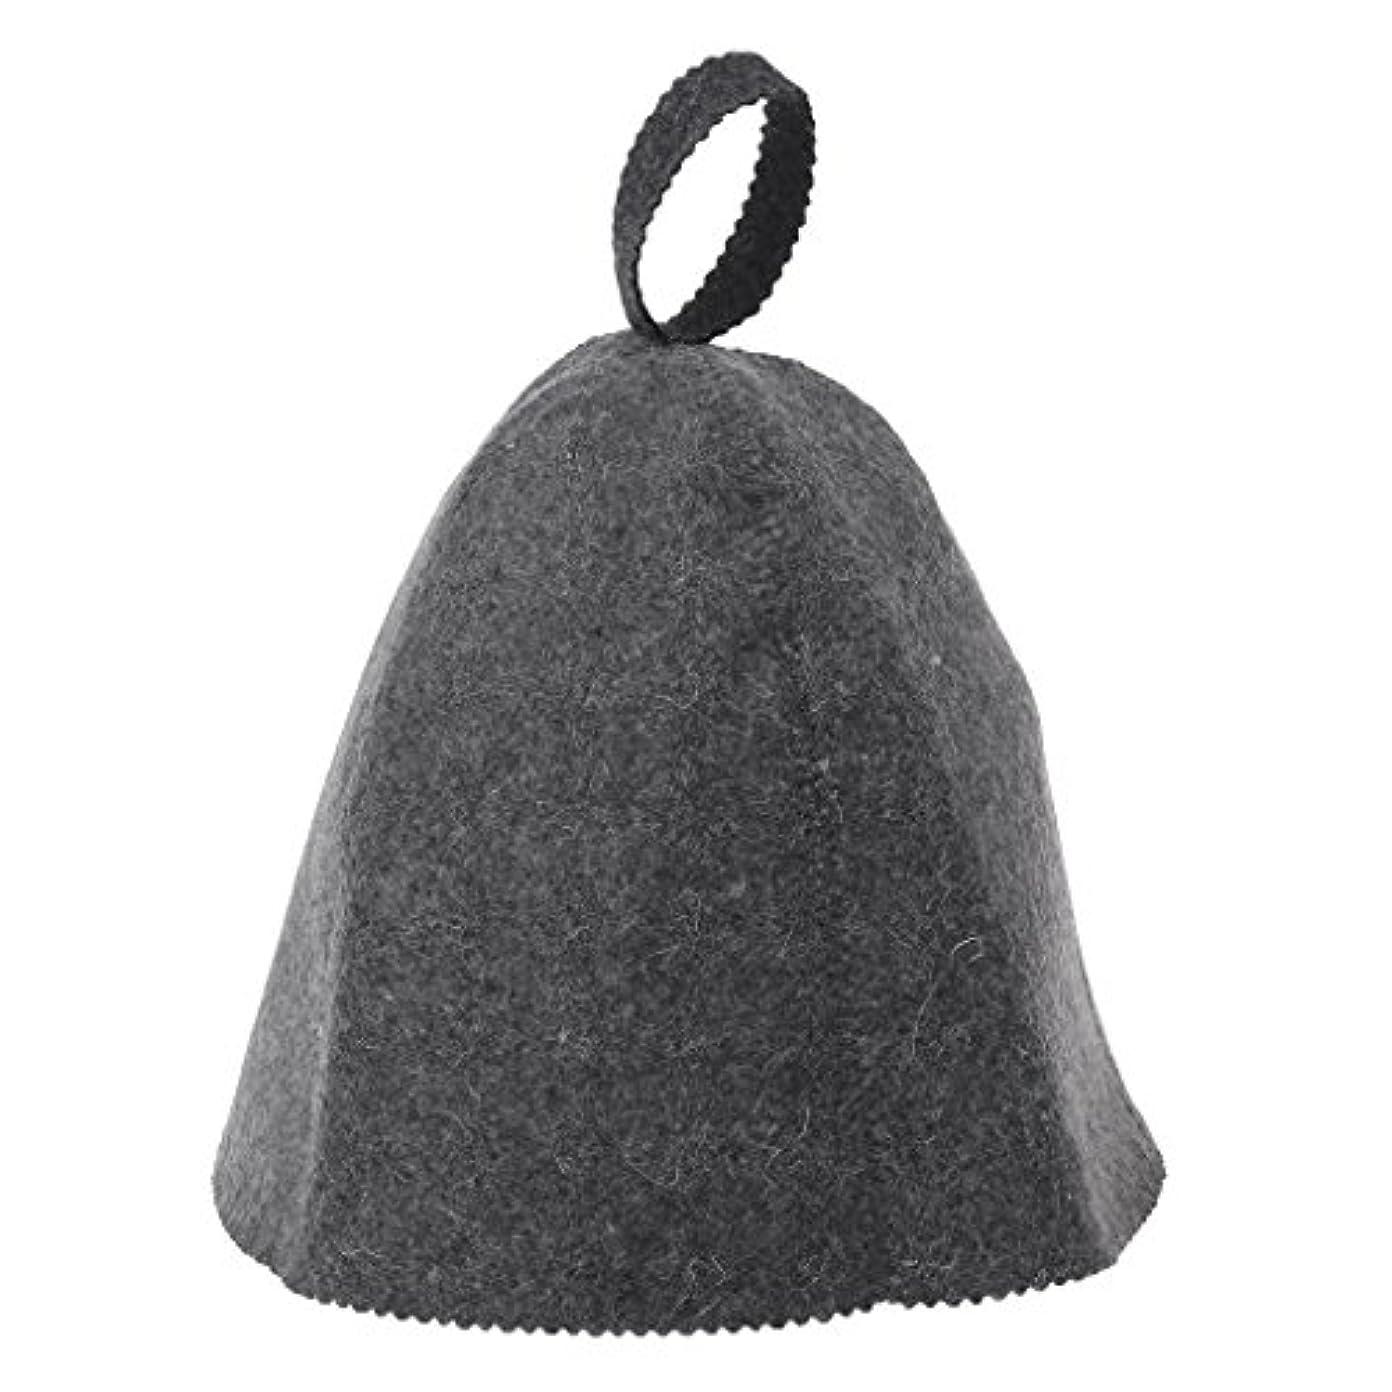 王女まつげ三番LANDUMのウールのフェルトのサウナの帽子、浴室の家の頭部の保護のための反熱ロシアのバニヤ帽子